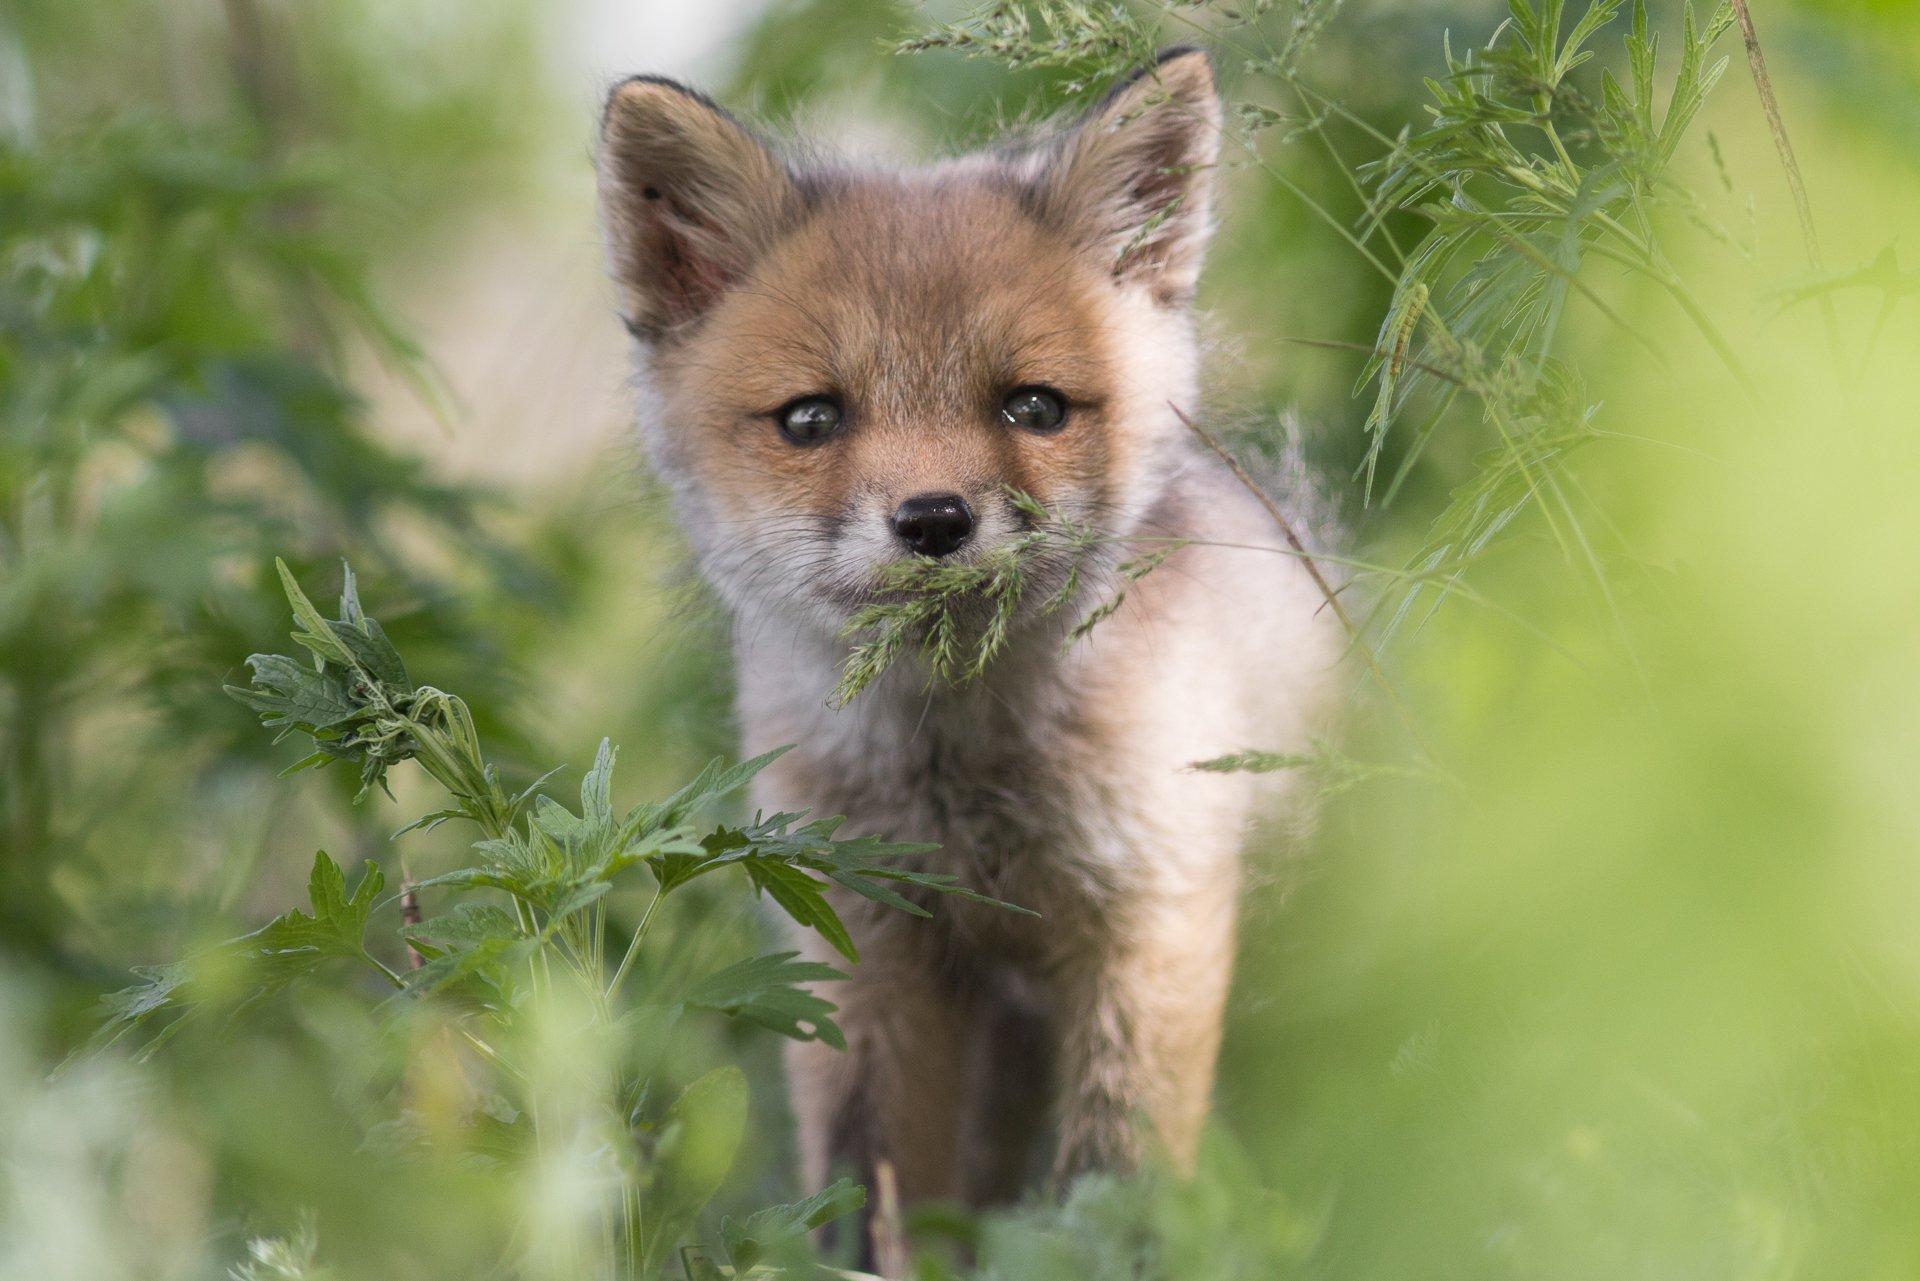 Животные, фотоохота, млекопитающие, дикая природа, лиса, лисица, лисенок, Алина Урусова